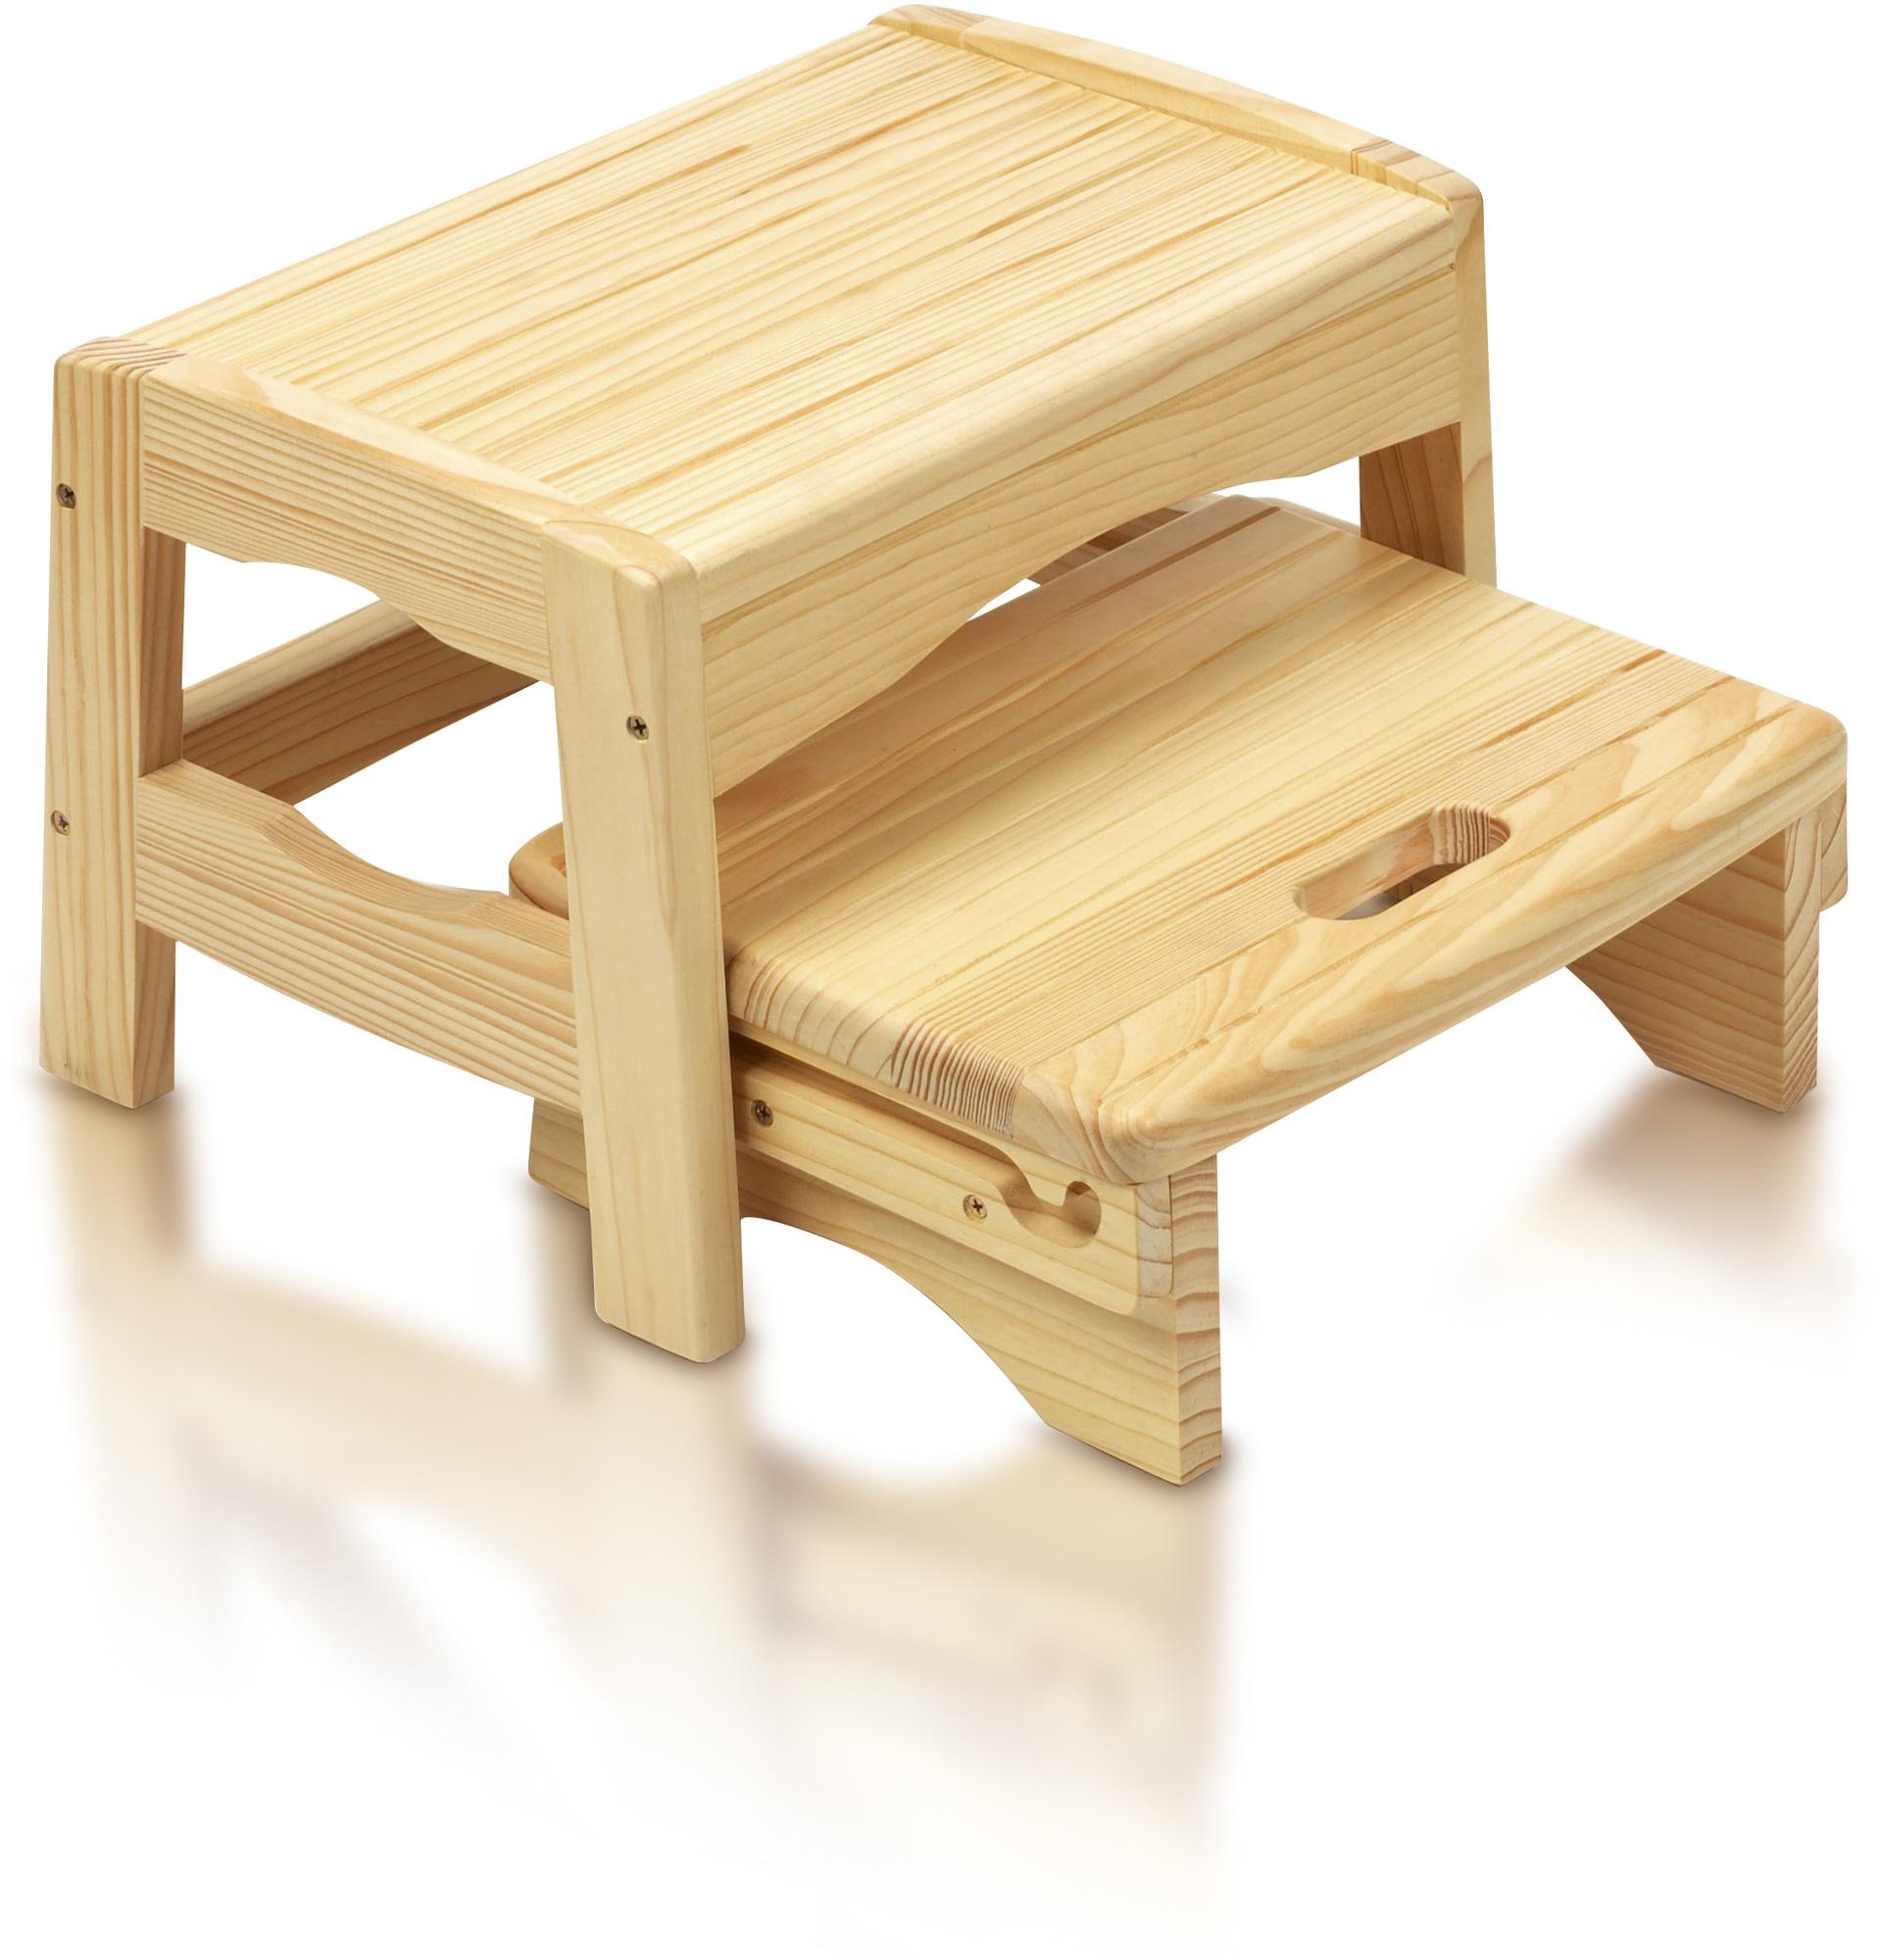 Hocker Holz Angebote Auf Waterige